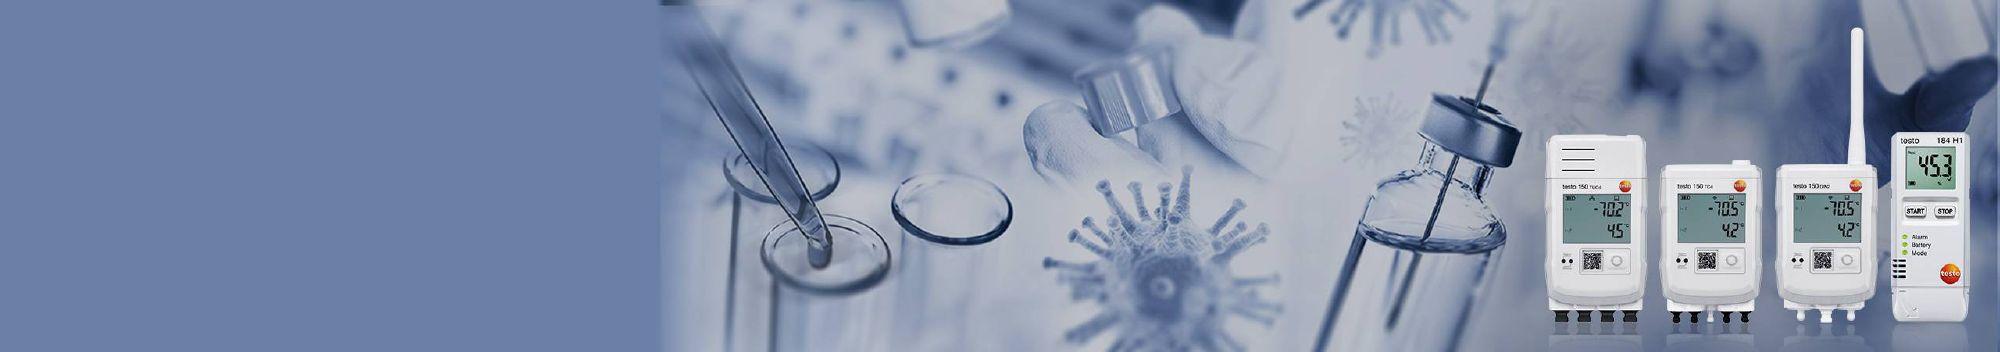 全力护航 <b>新冠疫苗</b> </br>